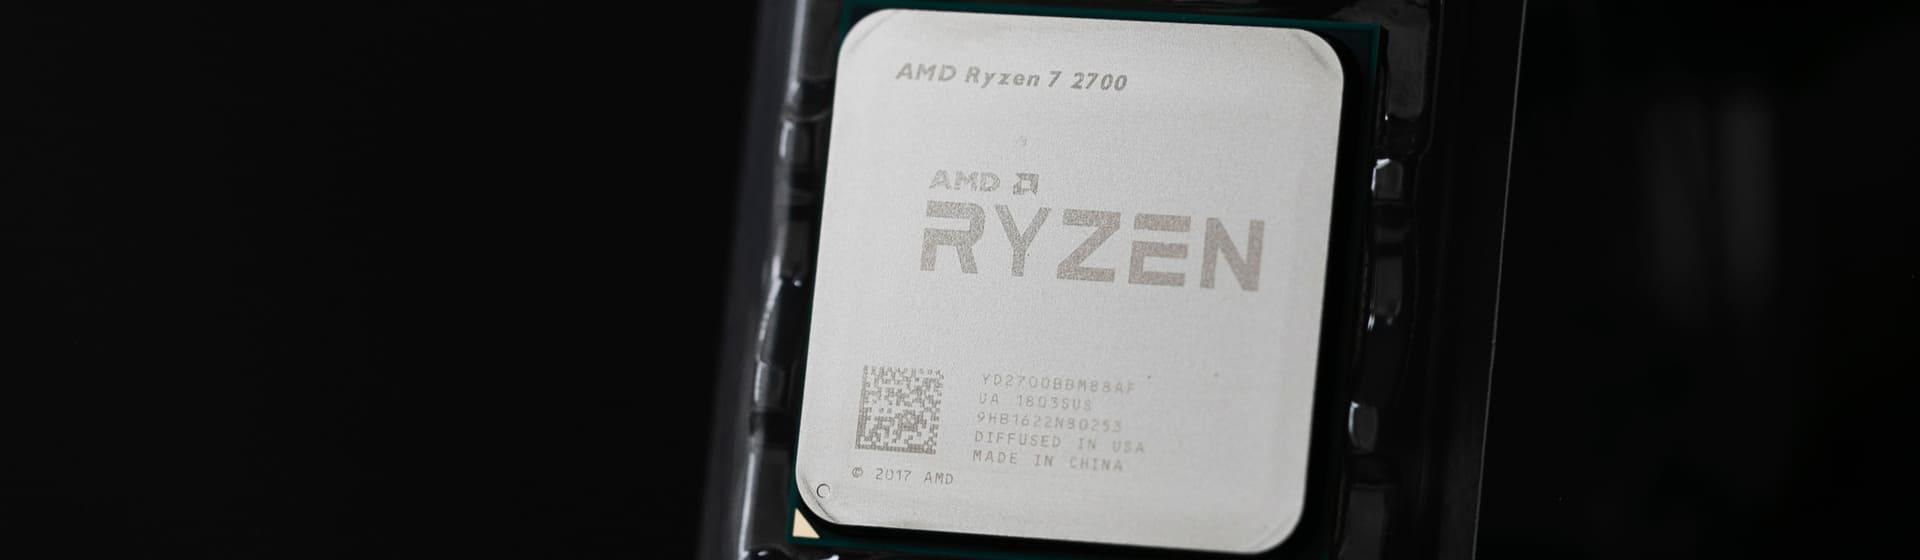 Ryzen 7 2700 é bom? Conheça prós e contras do processador